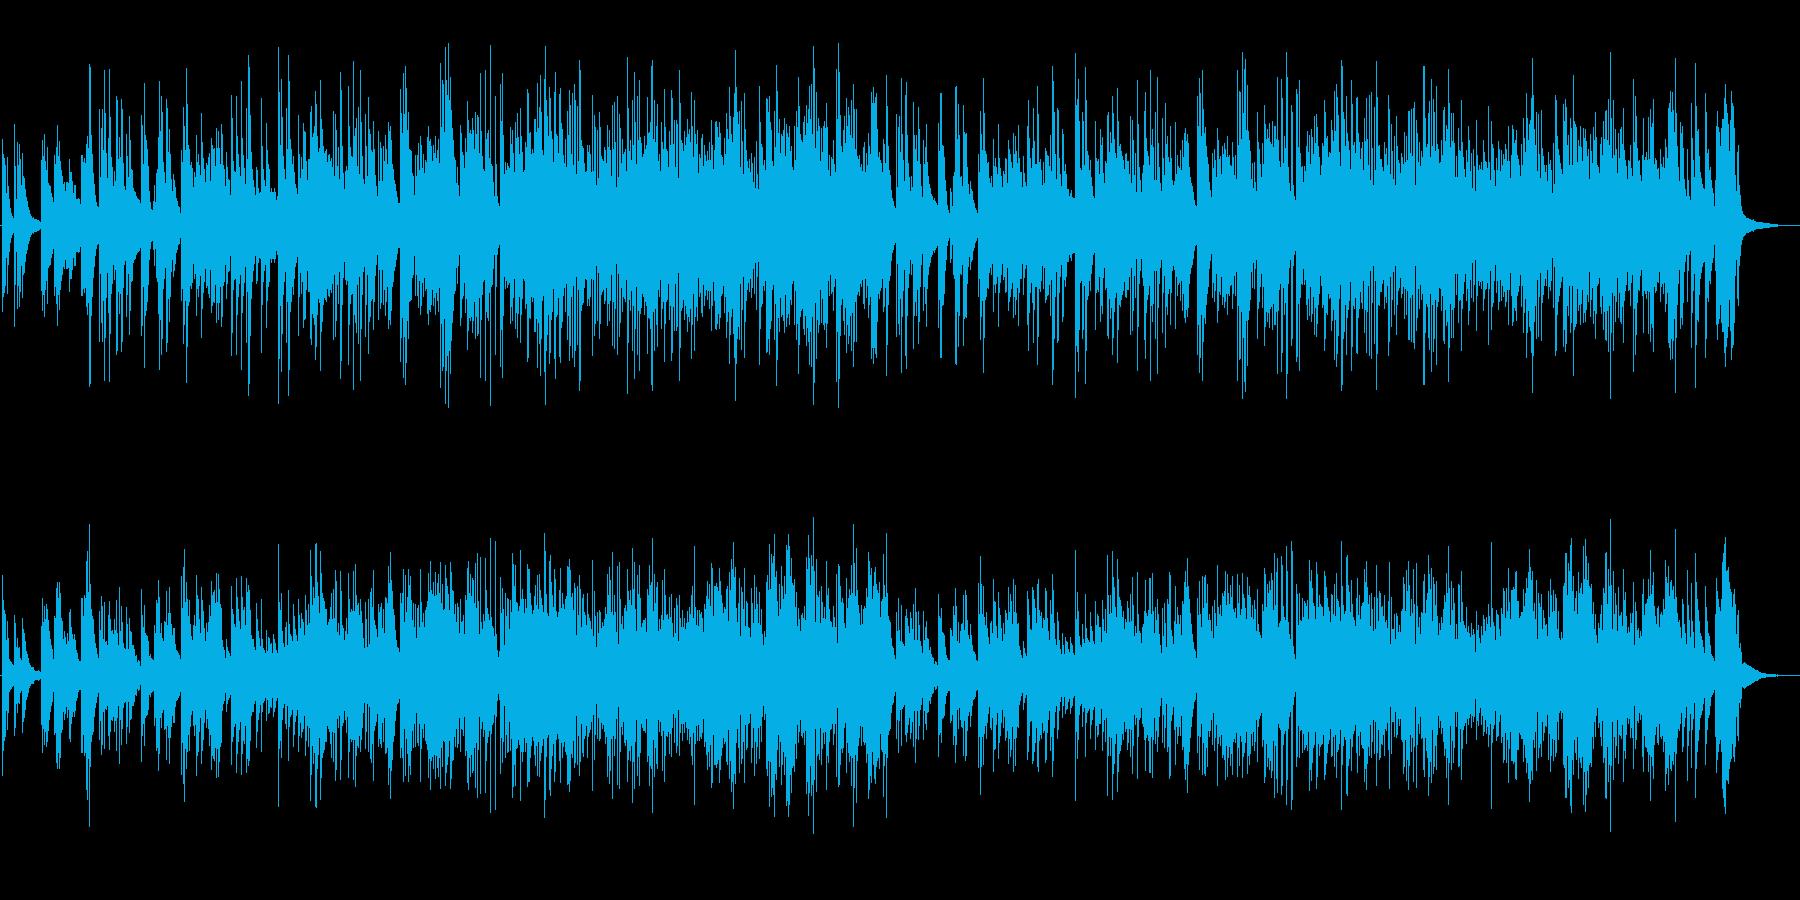 穏やかで温かみのあるピアノソロの再生済みの波形